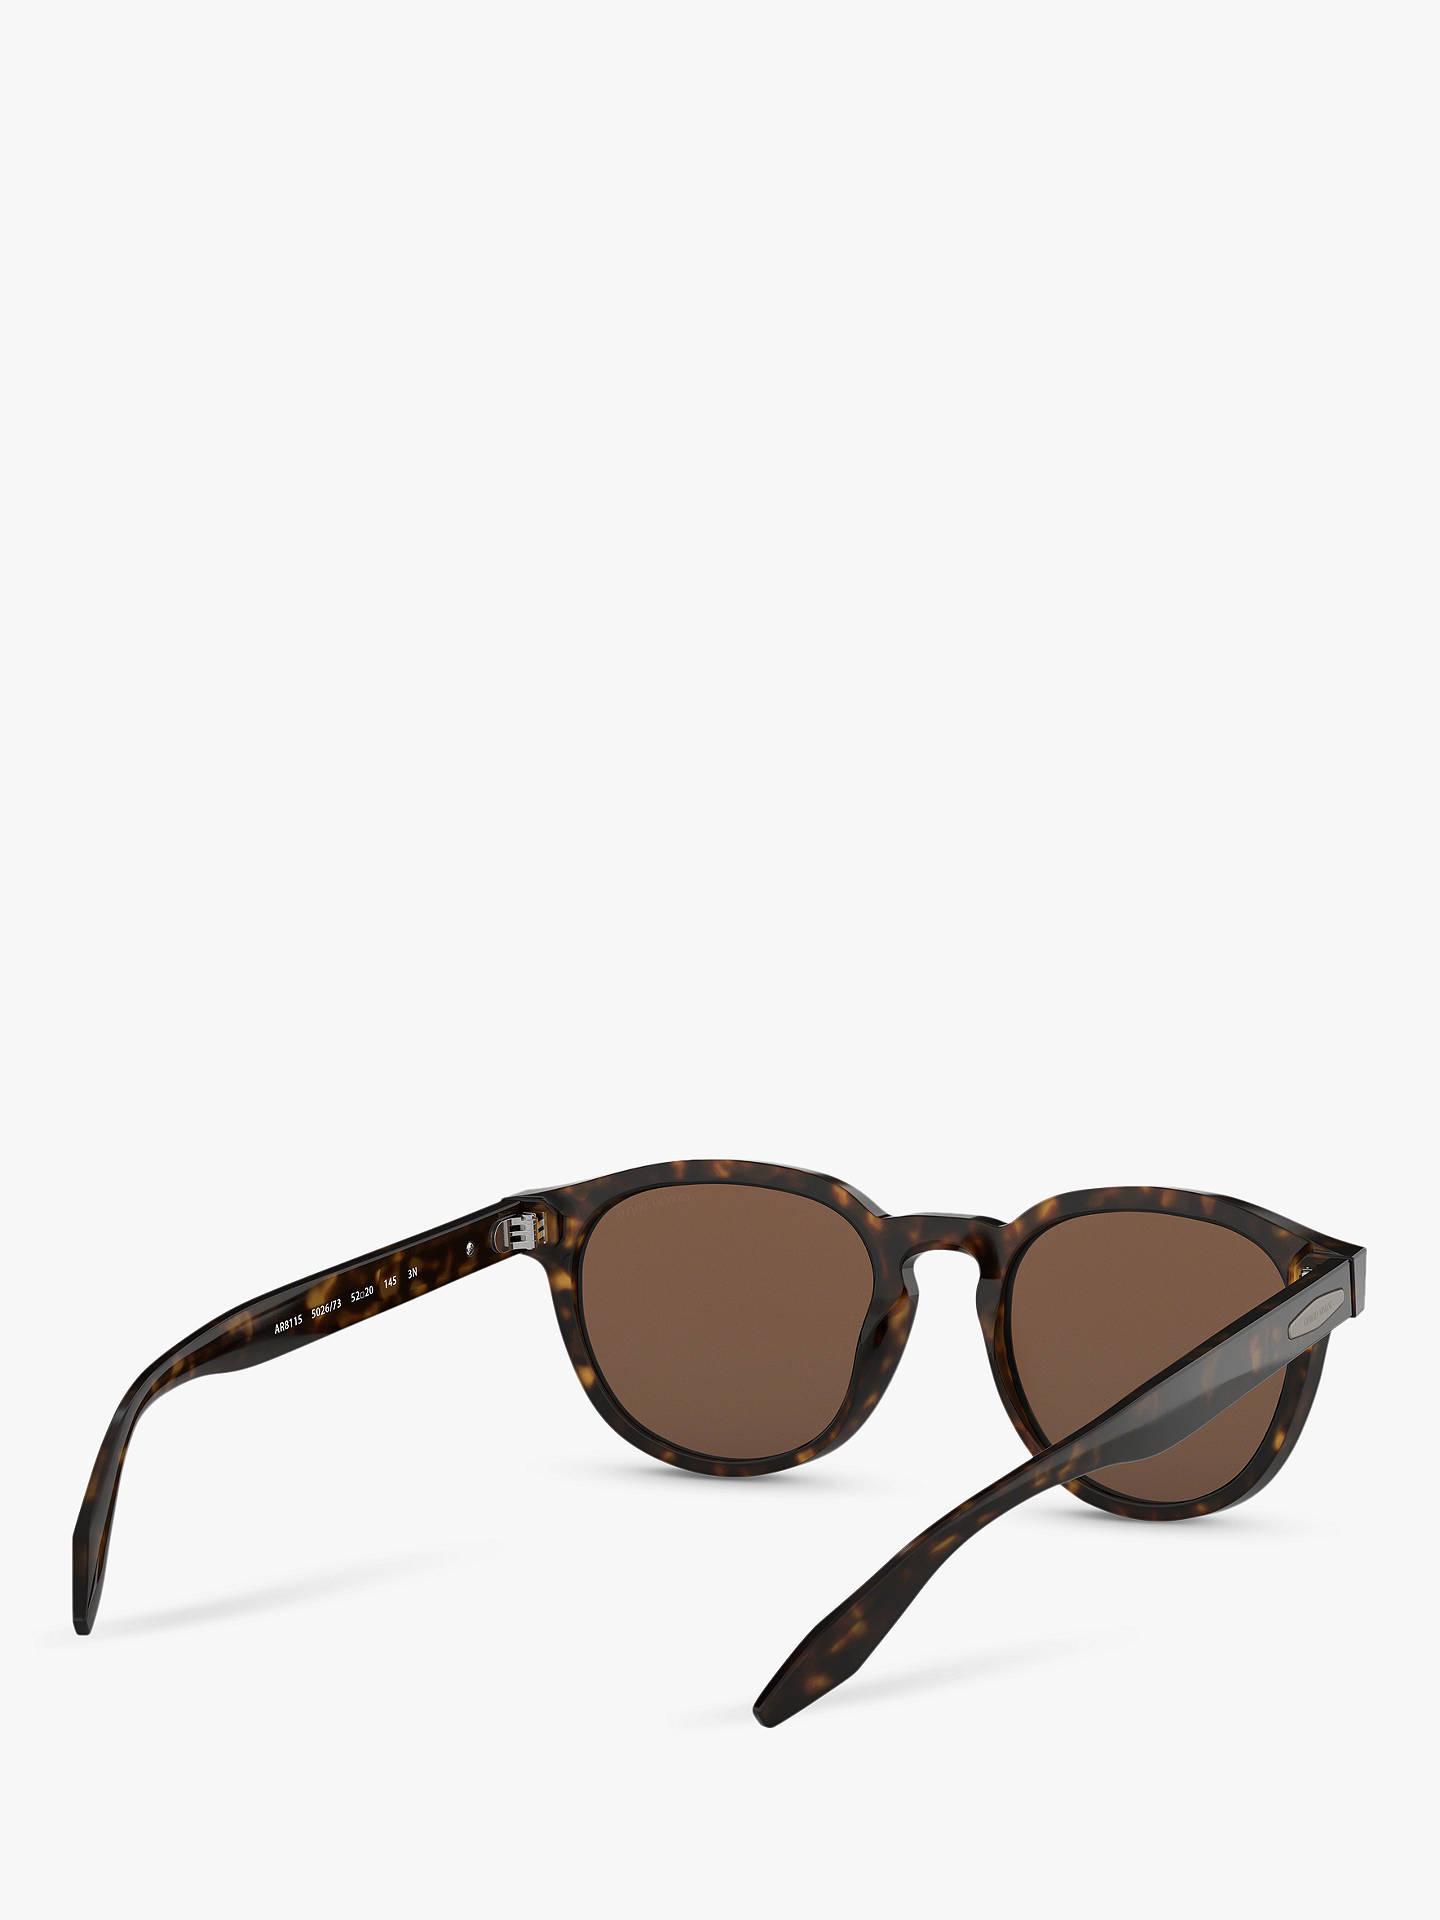 5df63fcd096a ... Buy Giorgio Armani AR8115 Men s Phantos Sunglasses